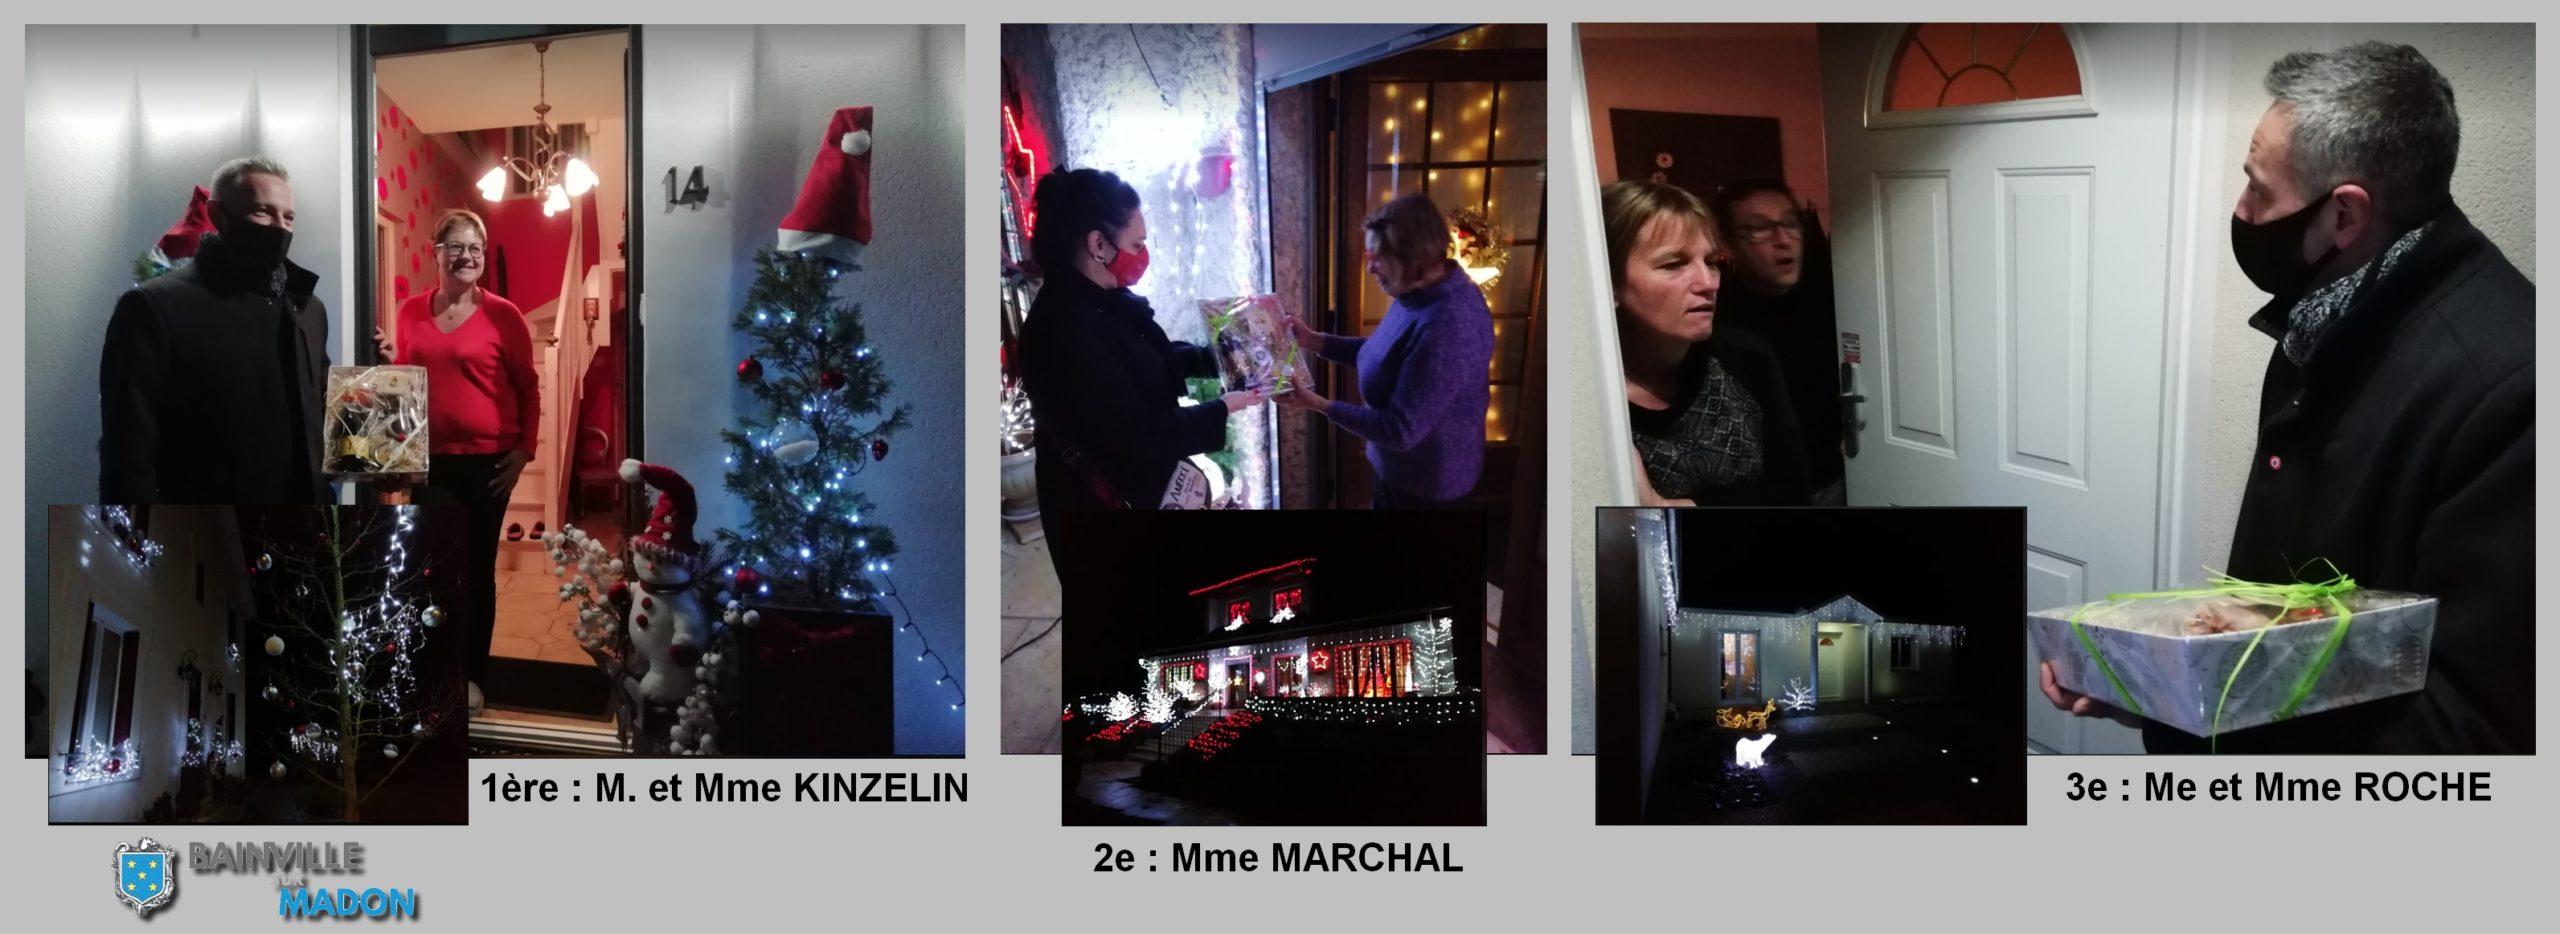 Les 3 lauréats des maisons décorées pour les fêtes de fin d'année 2020